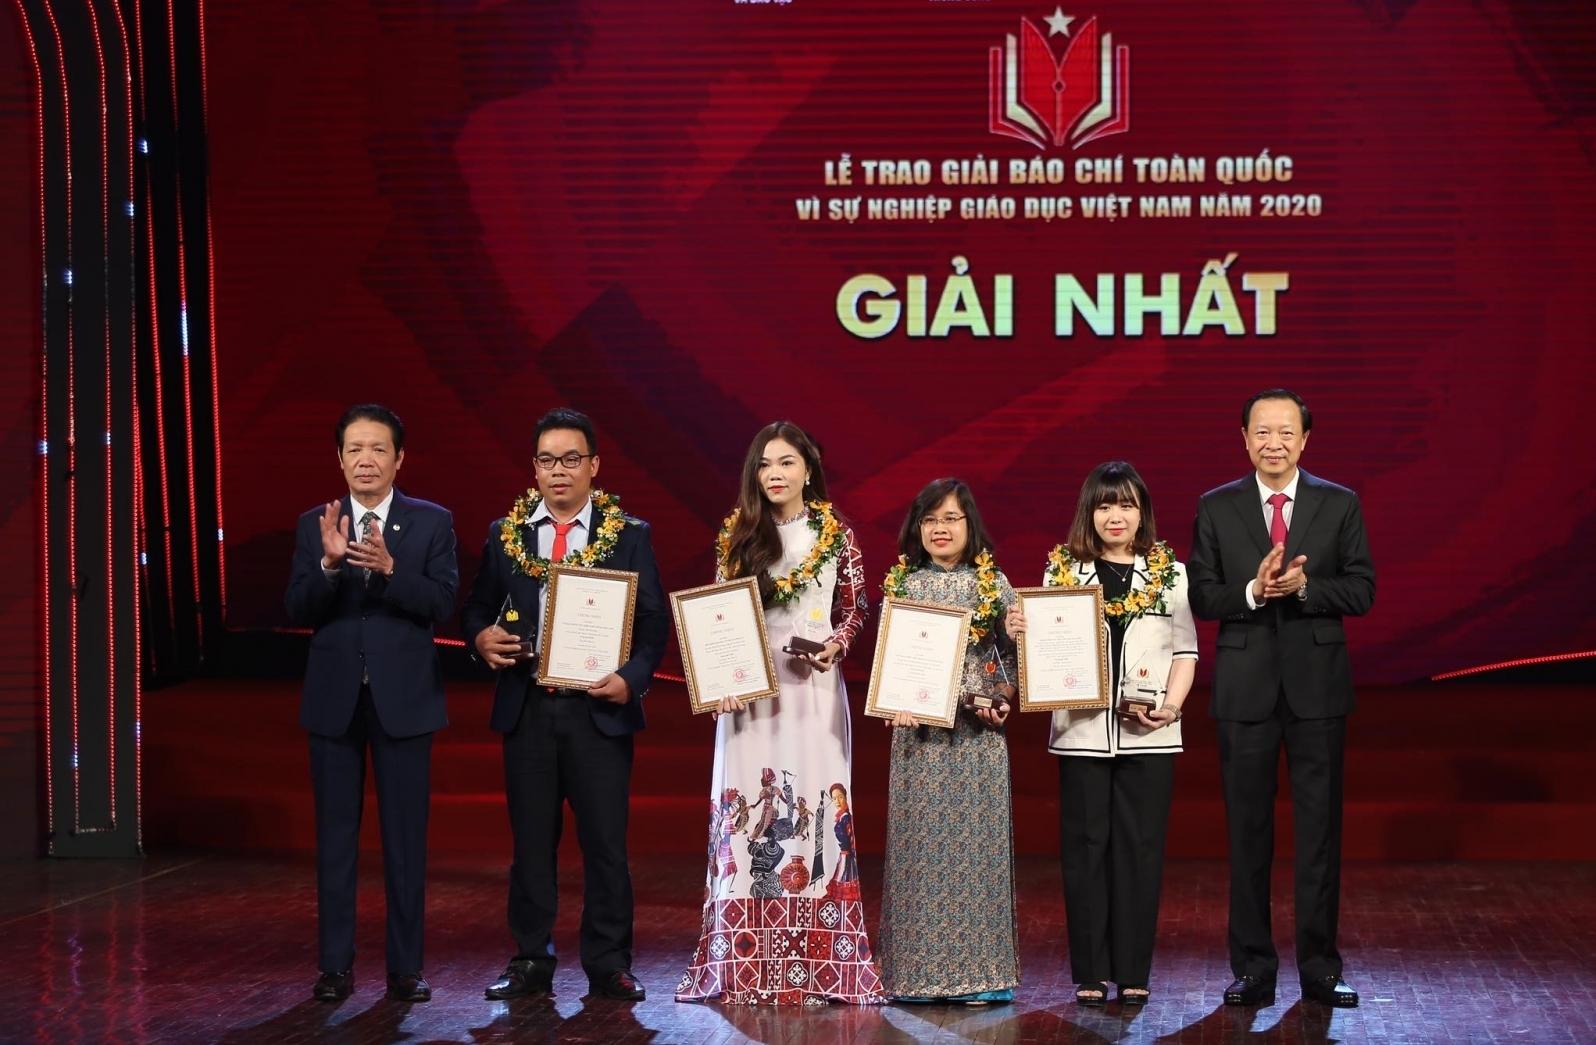 """50 tác phẩm nhận giải báo chí """"Vì sự nghiệp giáo dục Việt Nam"""